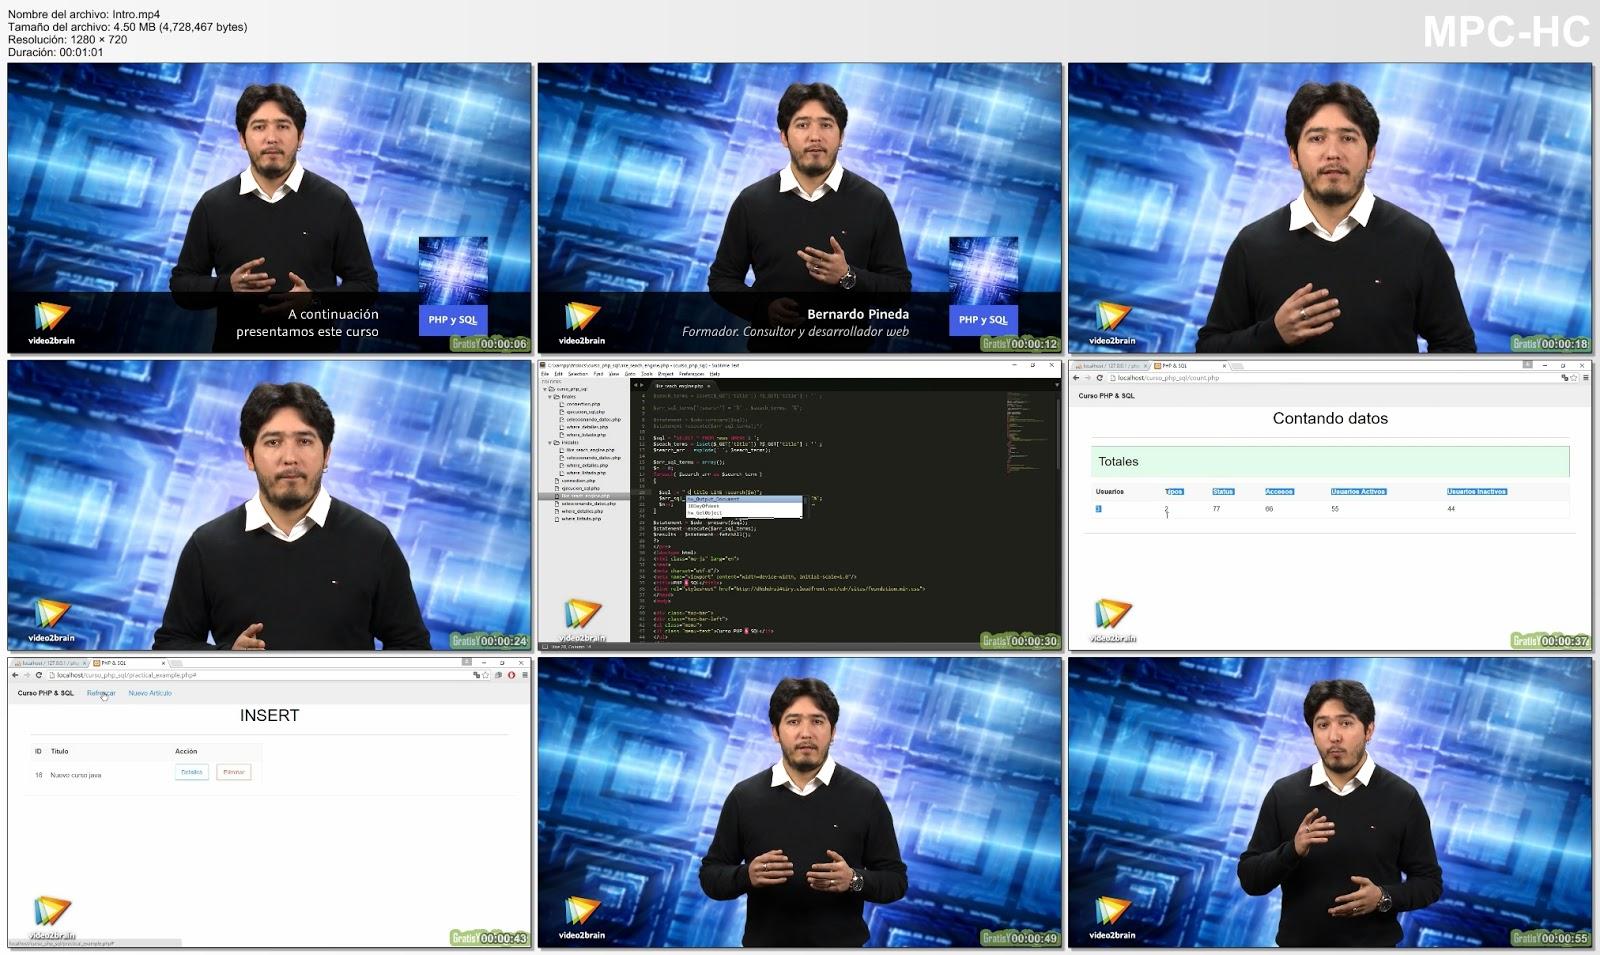 Curso video2brain sql y php captura 2